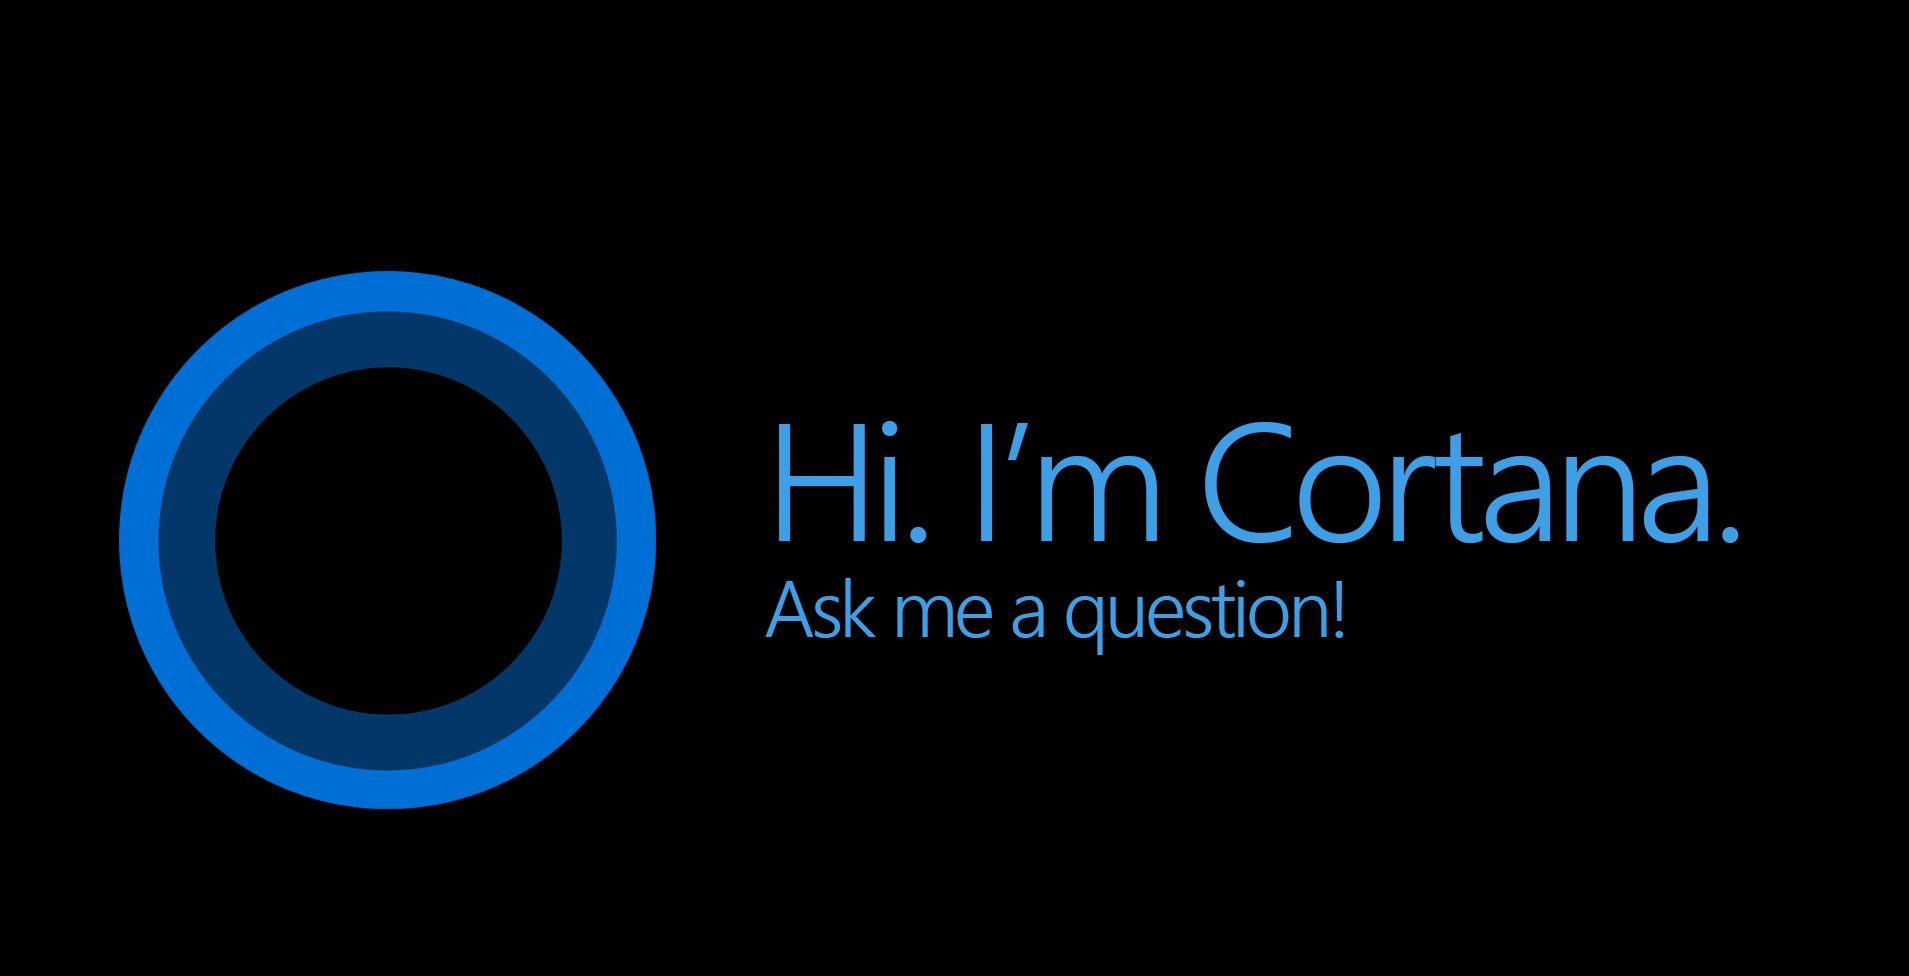 cortana ask me anything